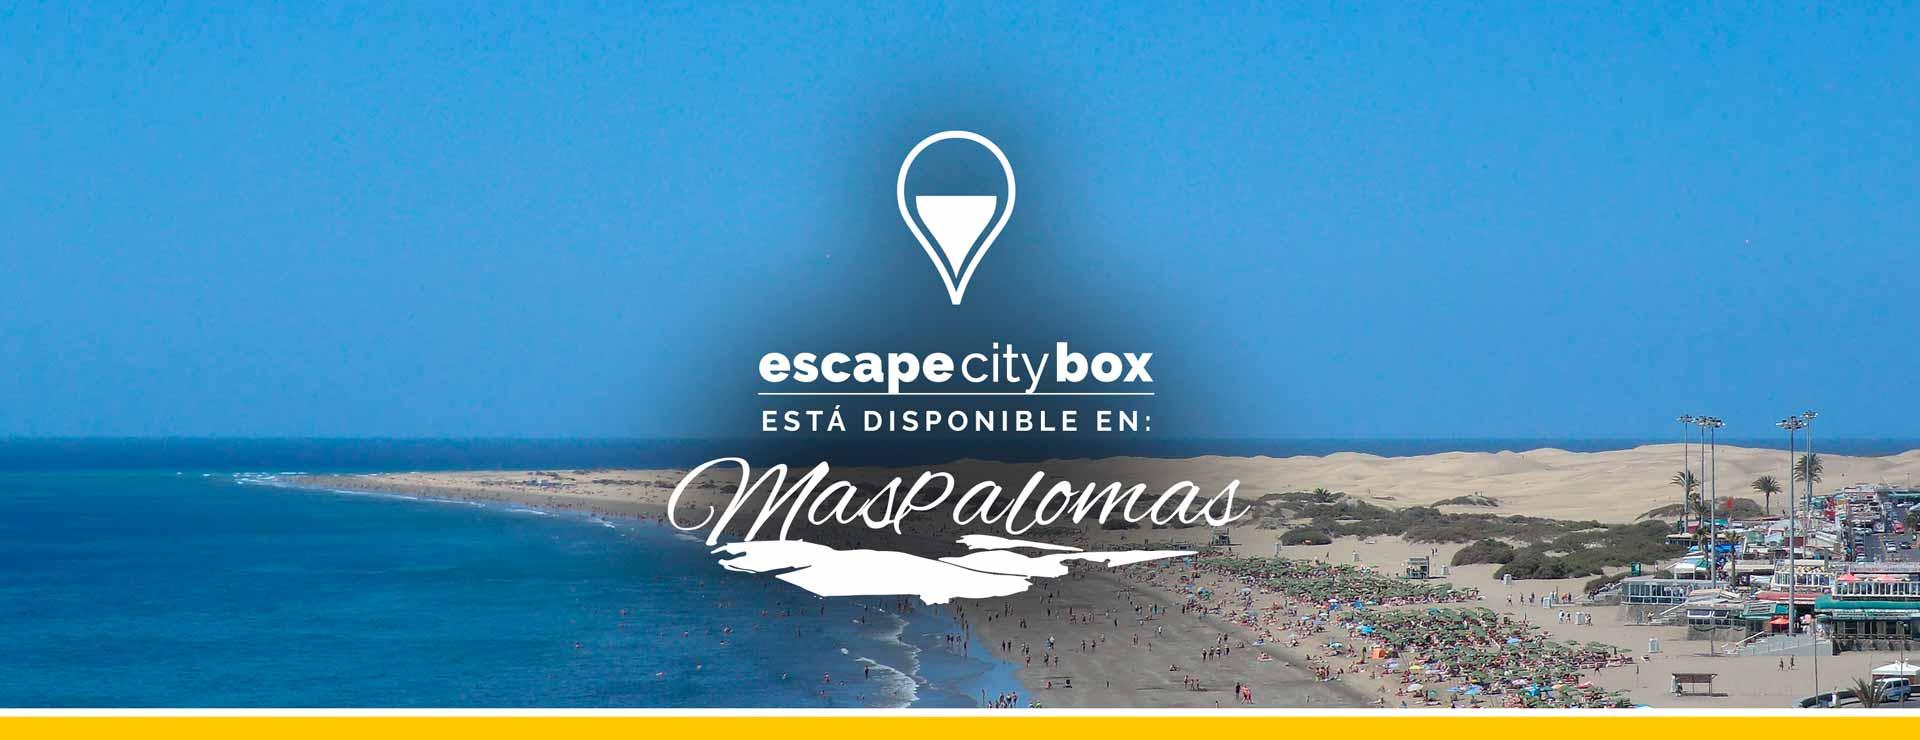 Escape room en Maspalomas